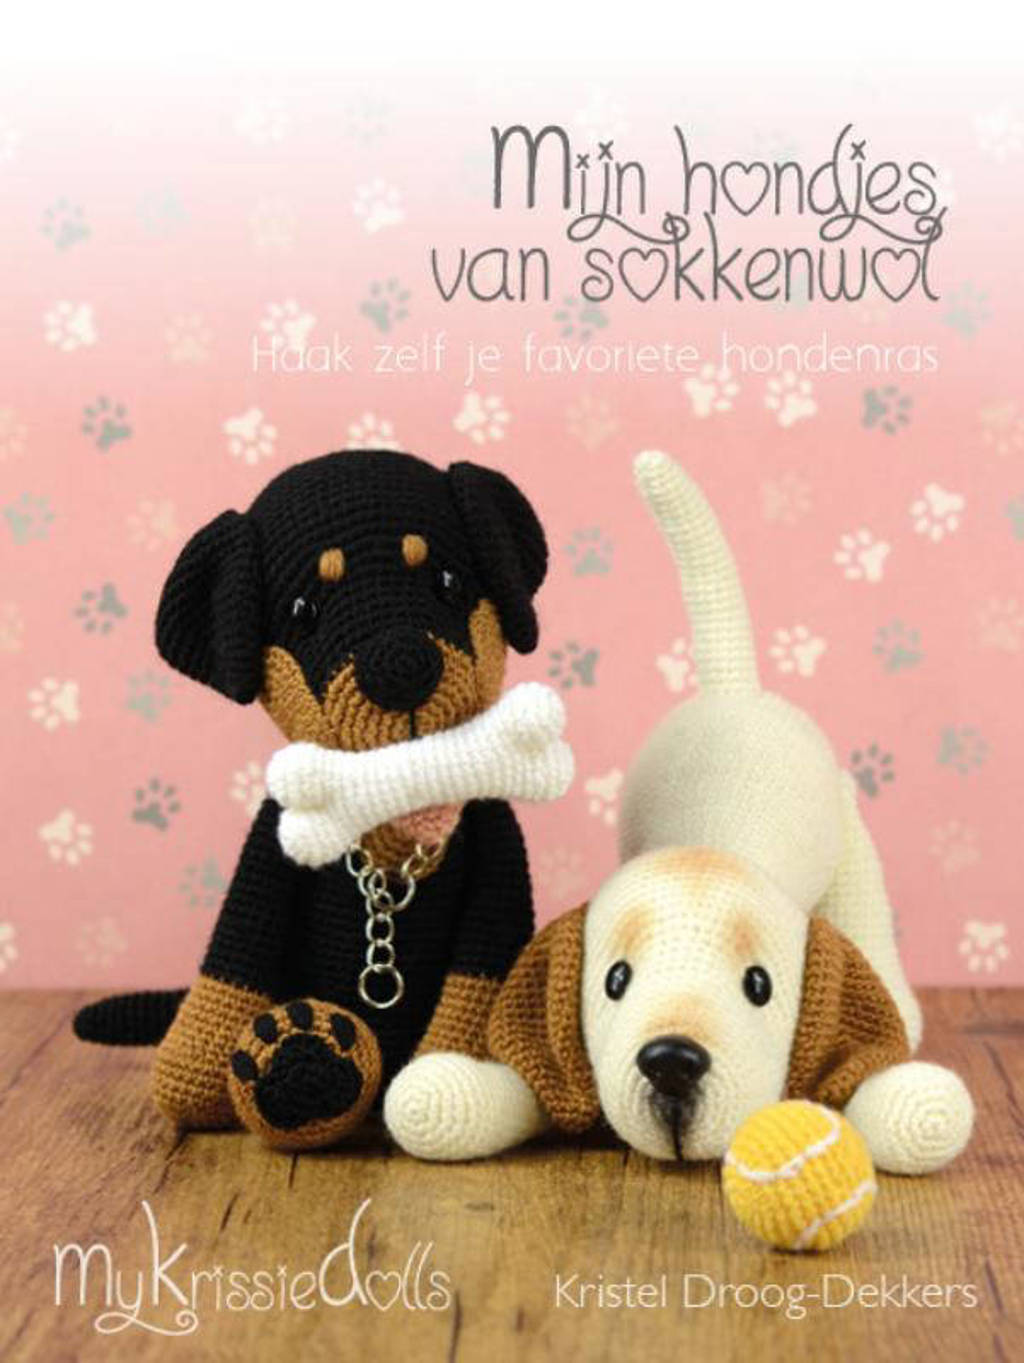 Mijn hondjes van sokkenwol - Kristel Droog-Dekkers